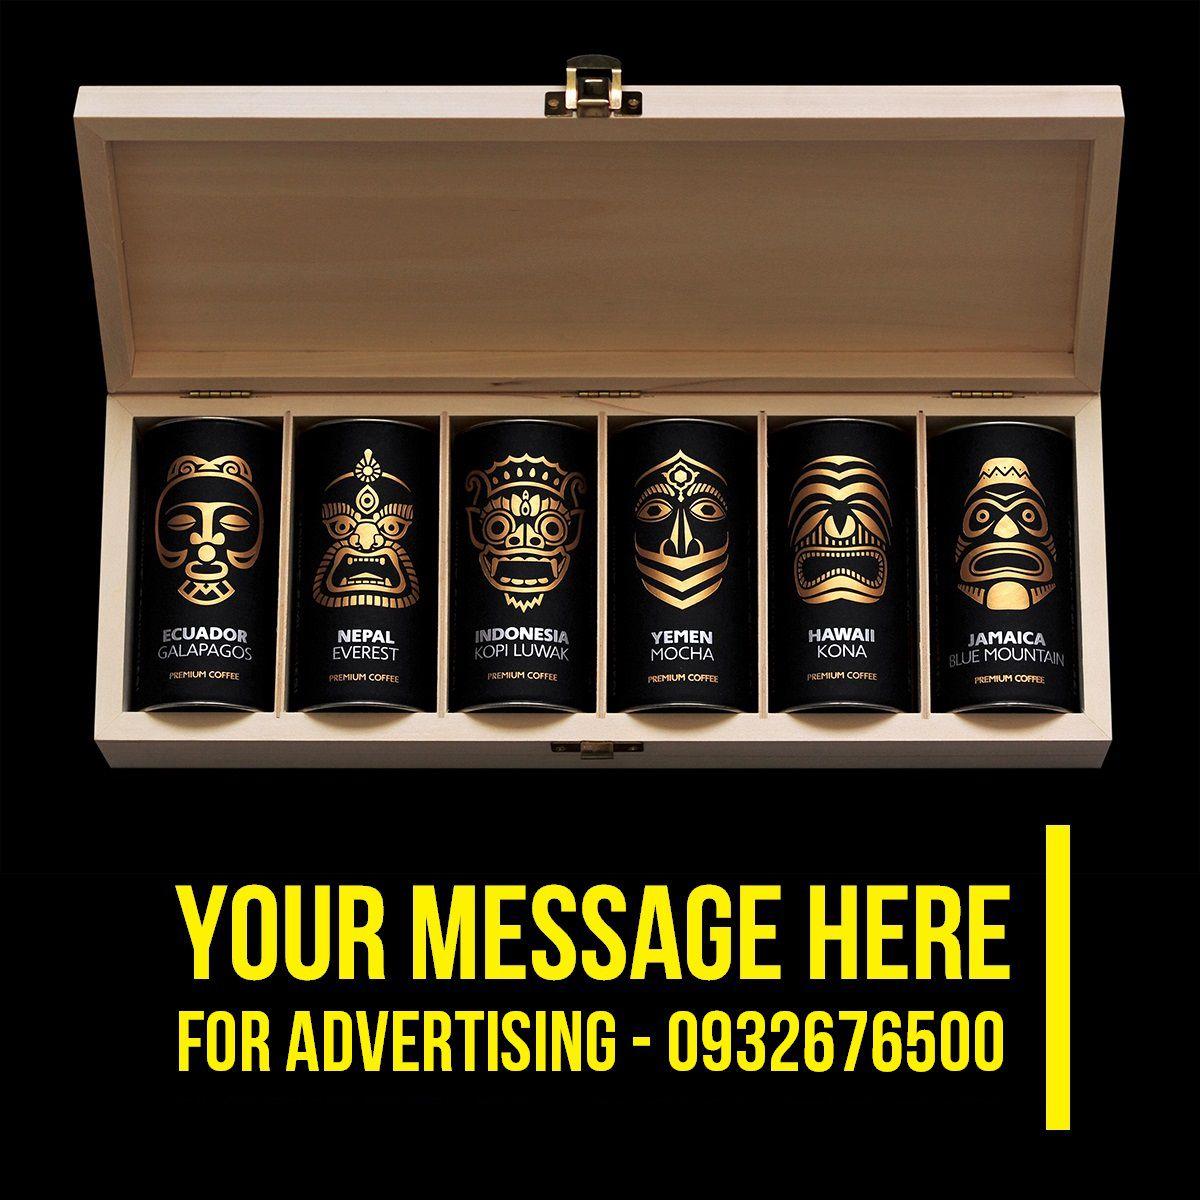 z[khoinghiepcafe.com] ad message